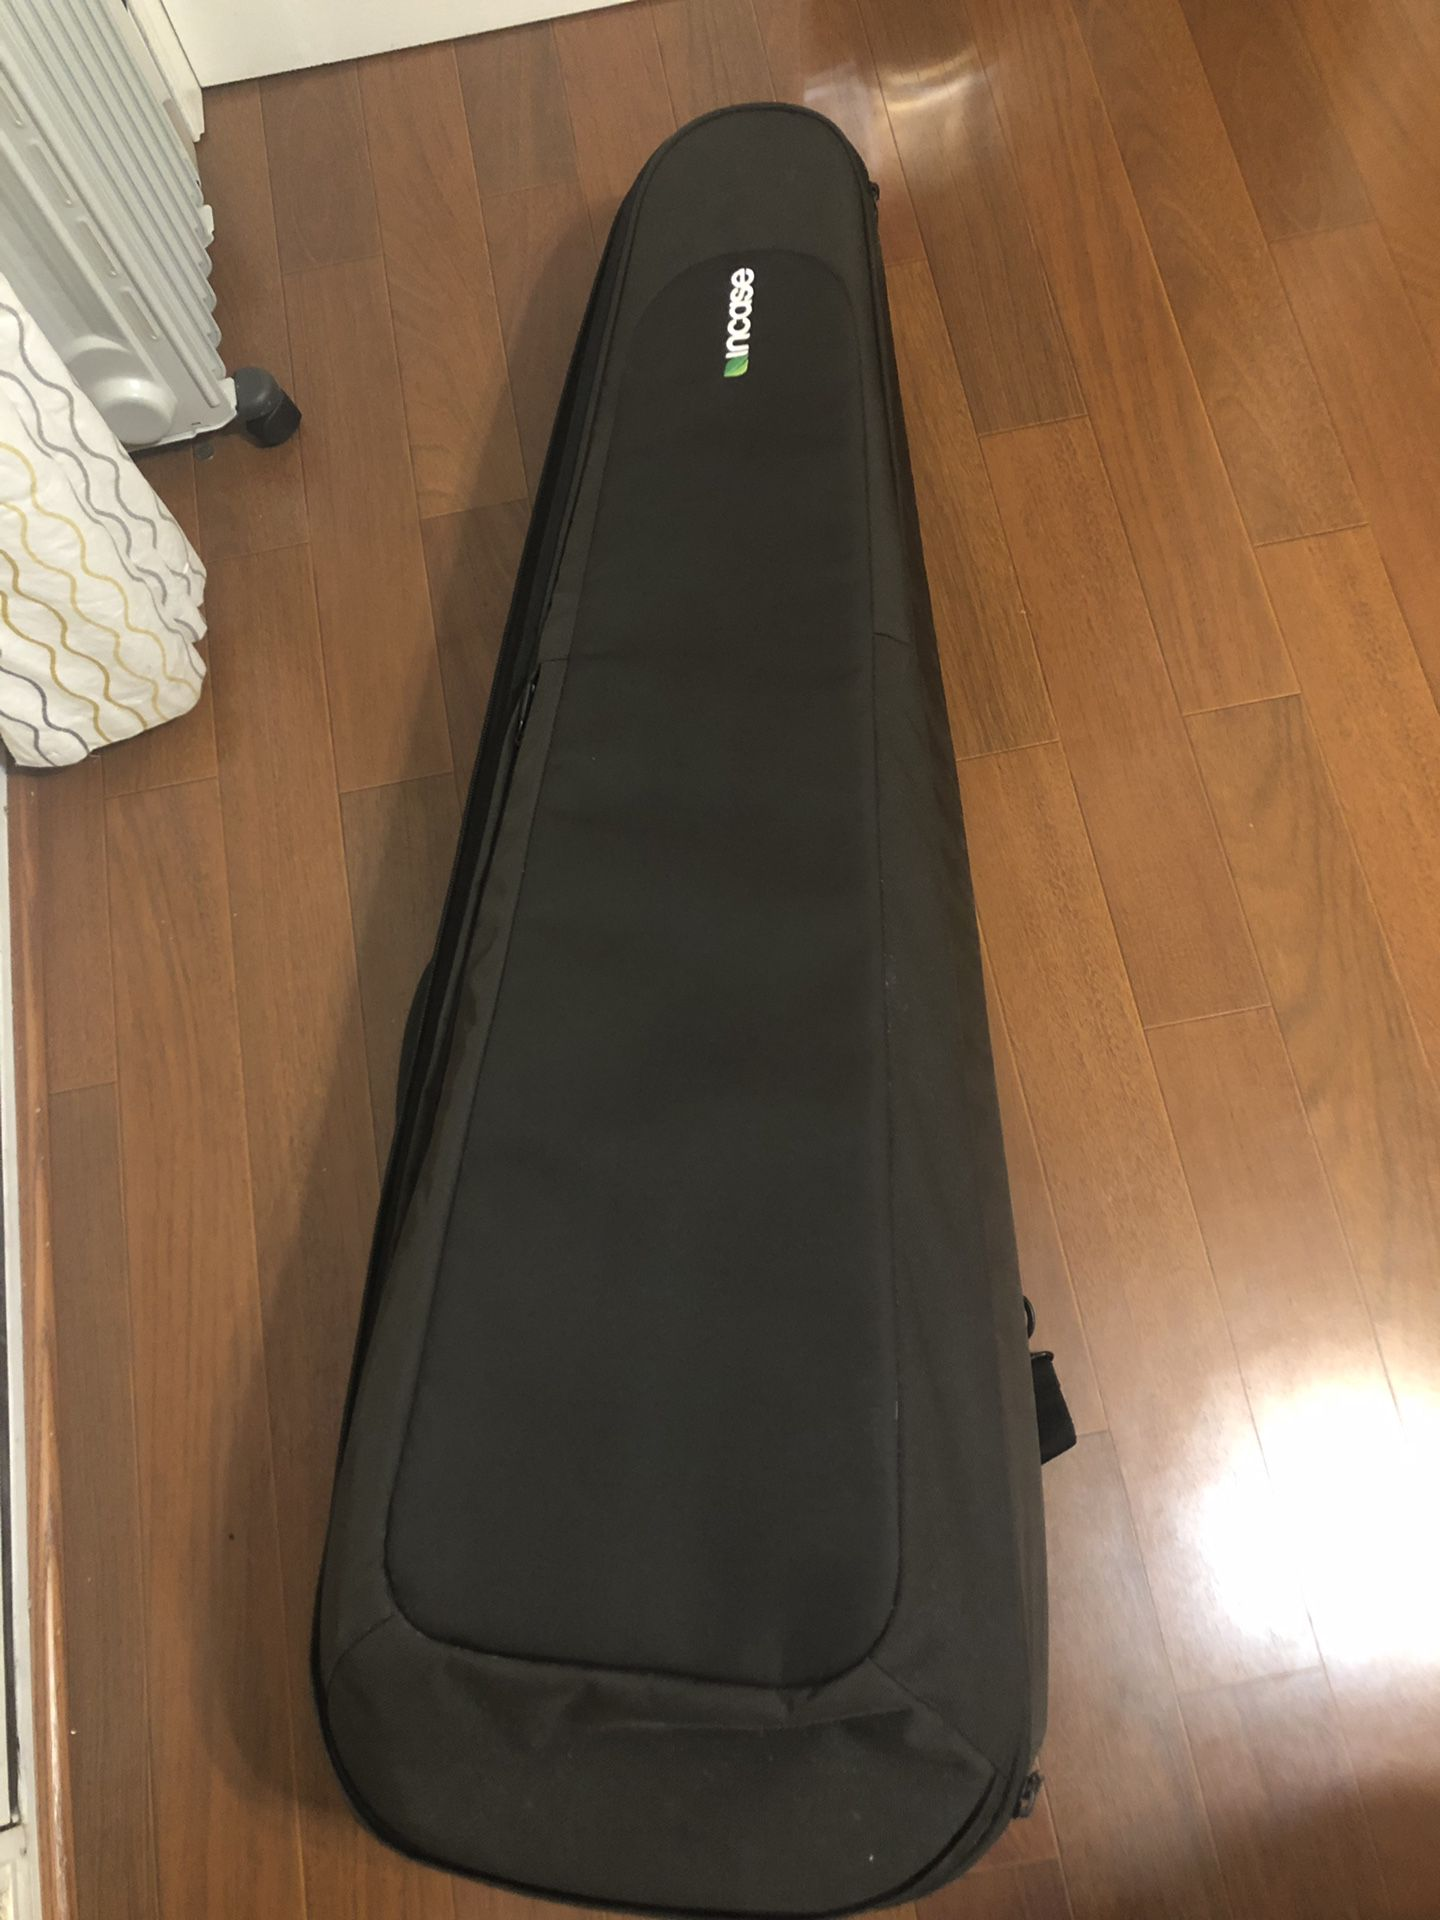 Incase Bass Guitar gig bag